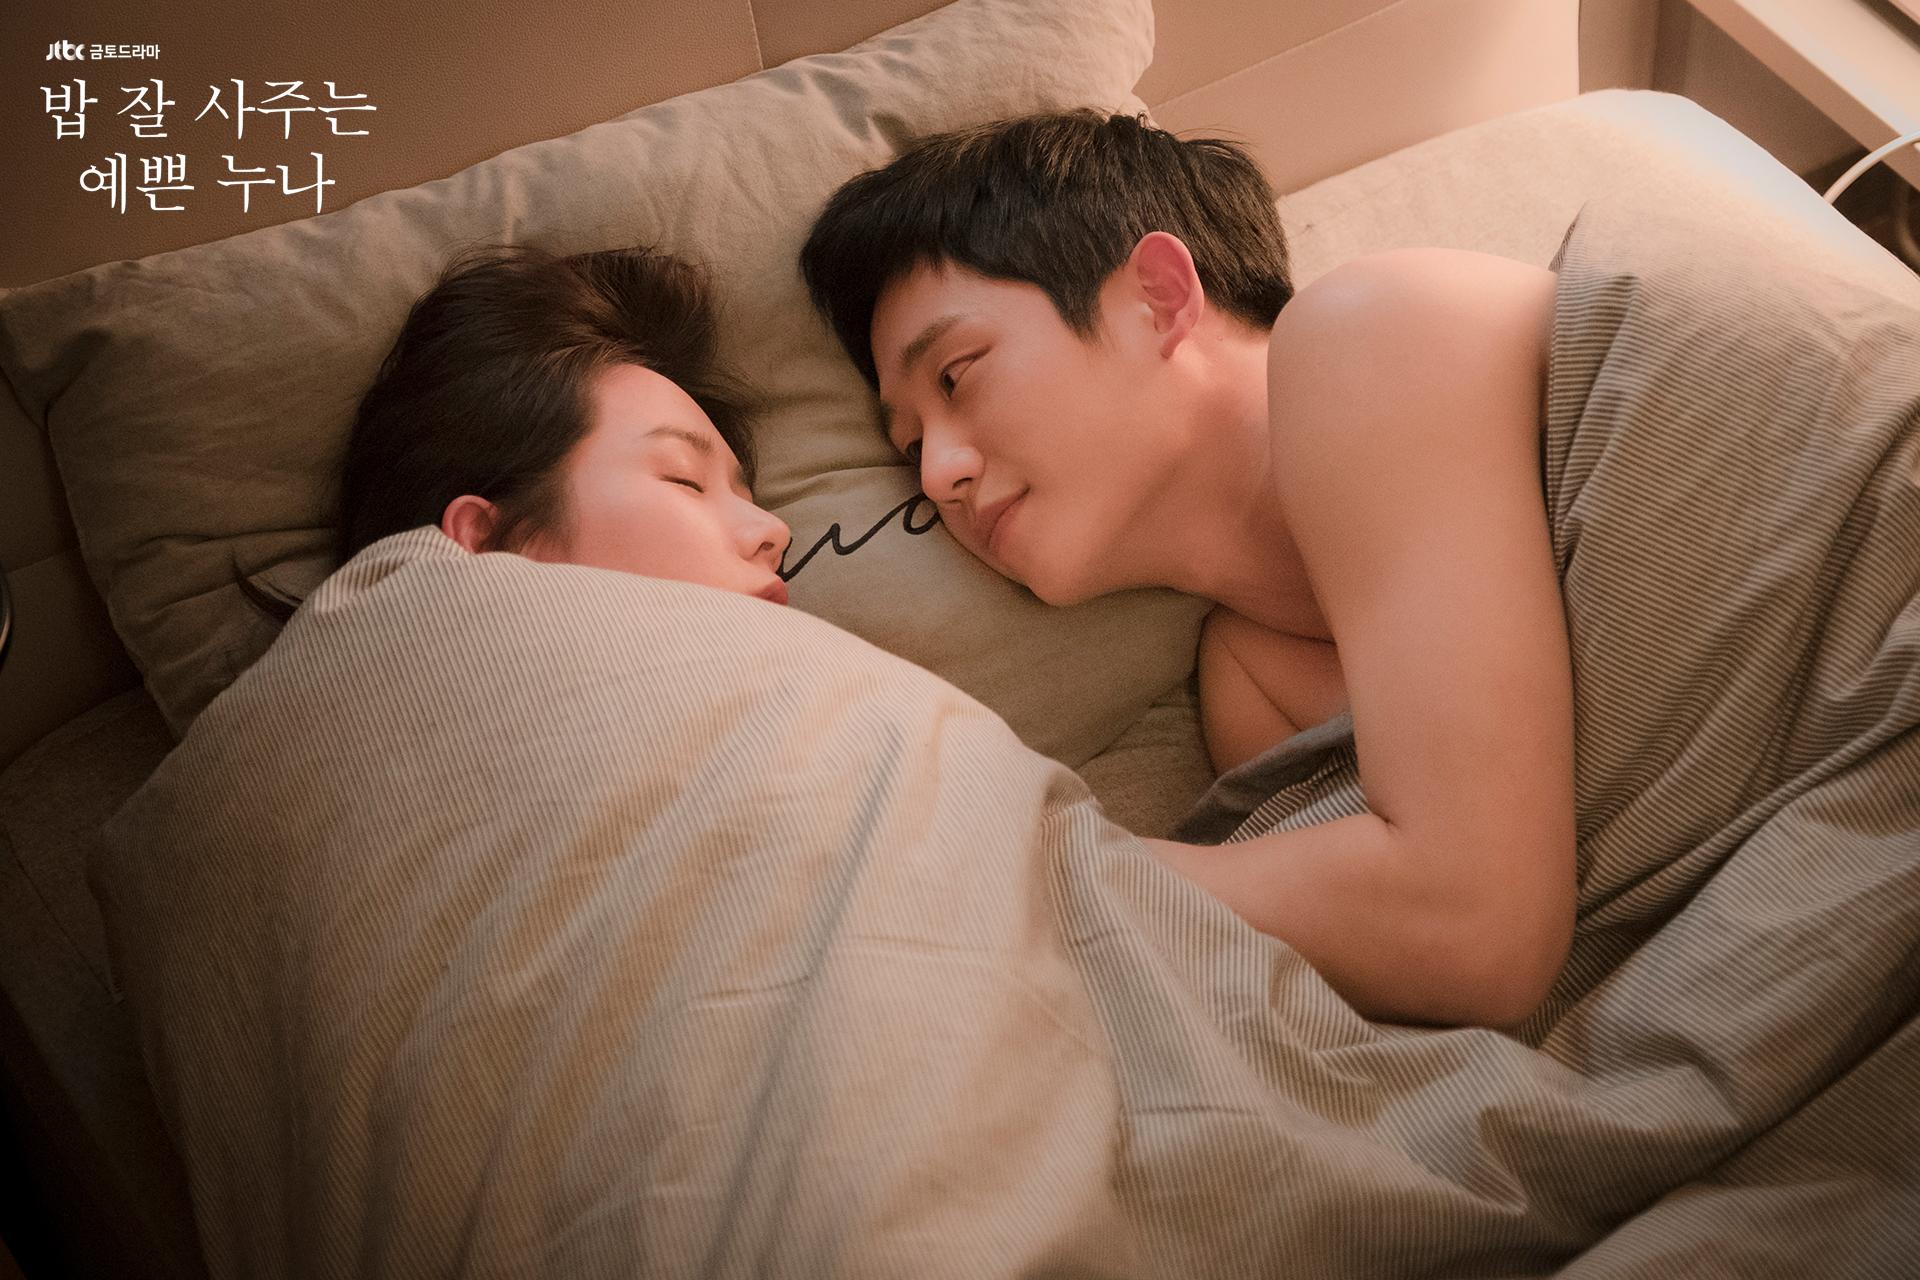 Chị Đẹp Mua Cơm Ngon: Khi câu nói phét của Song Hye Kyo trở thành tuyệt phẩm - Ảnh 3.